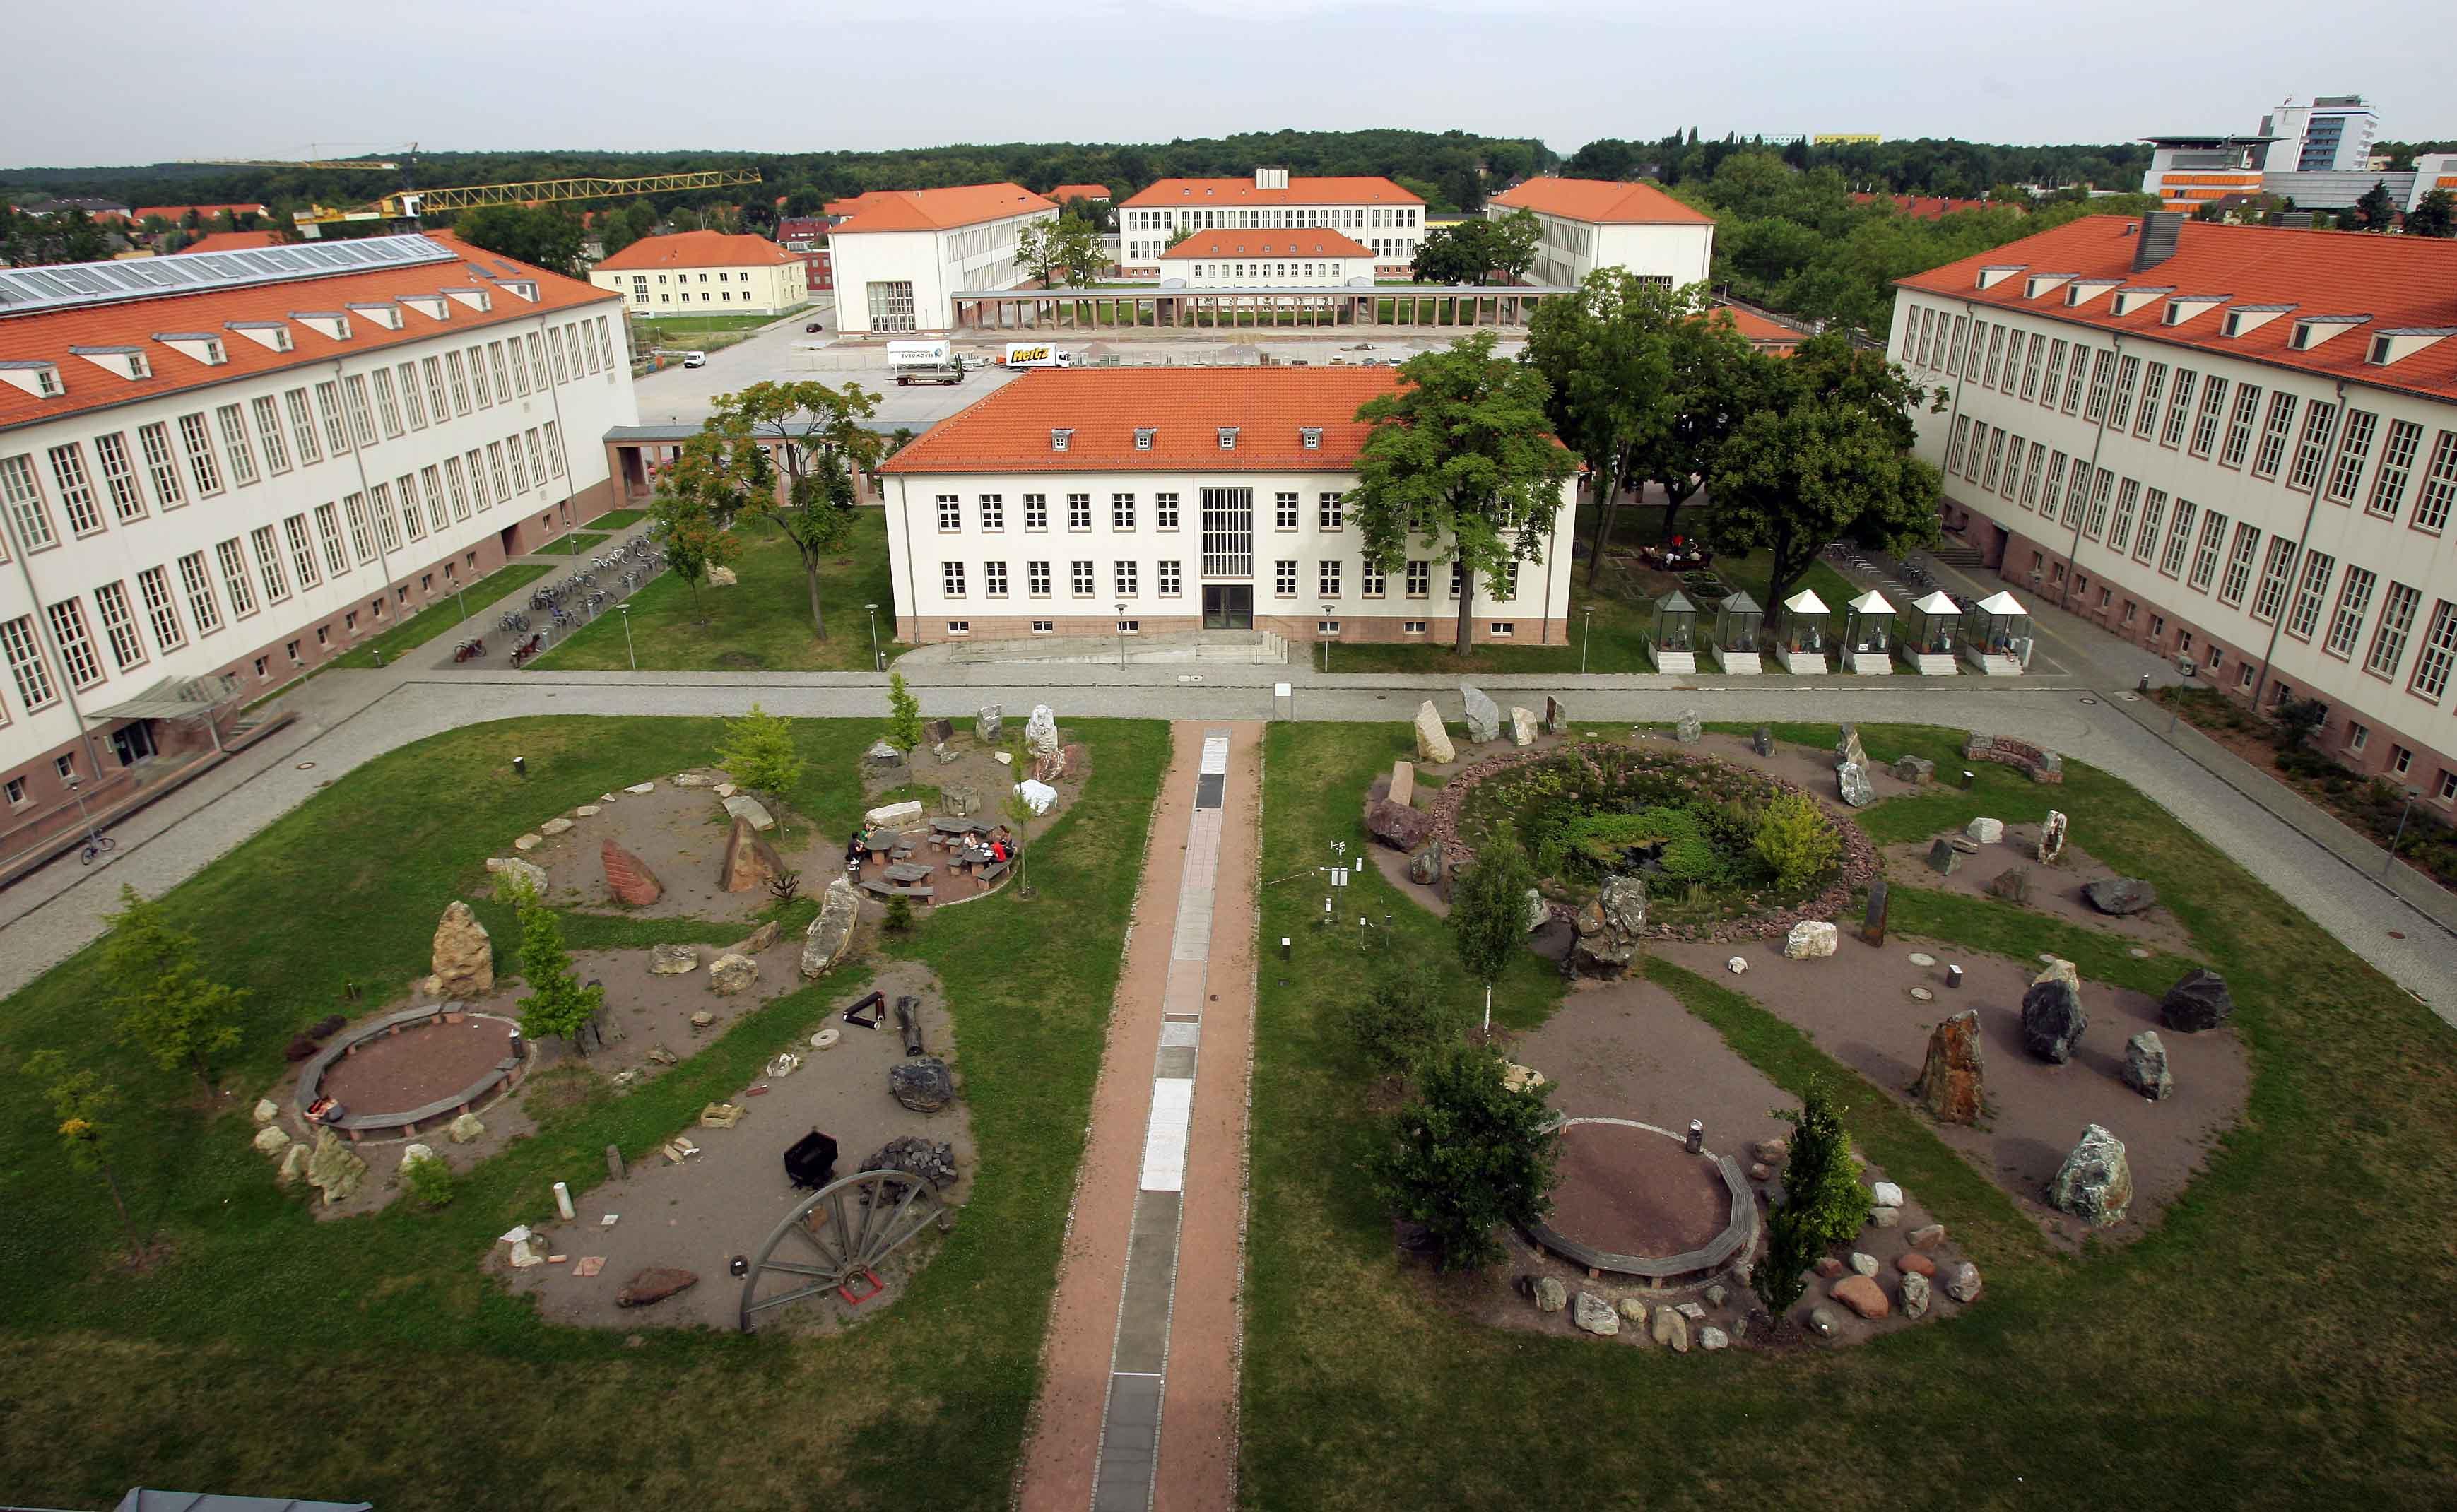 Photo of Հալլեի համալսարանի «Մեսրոպ» հայագիտական հետազոտությունների կենտրոնը նշում է 23-ամյակը